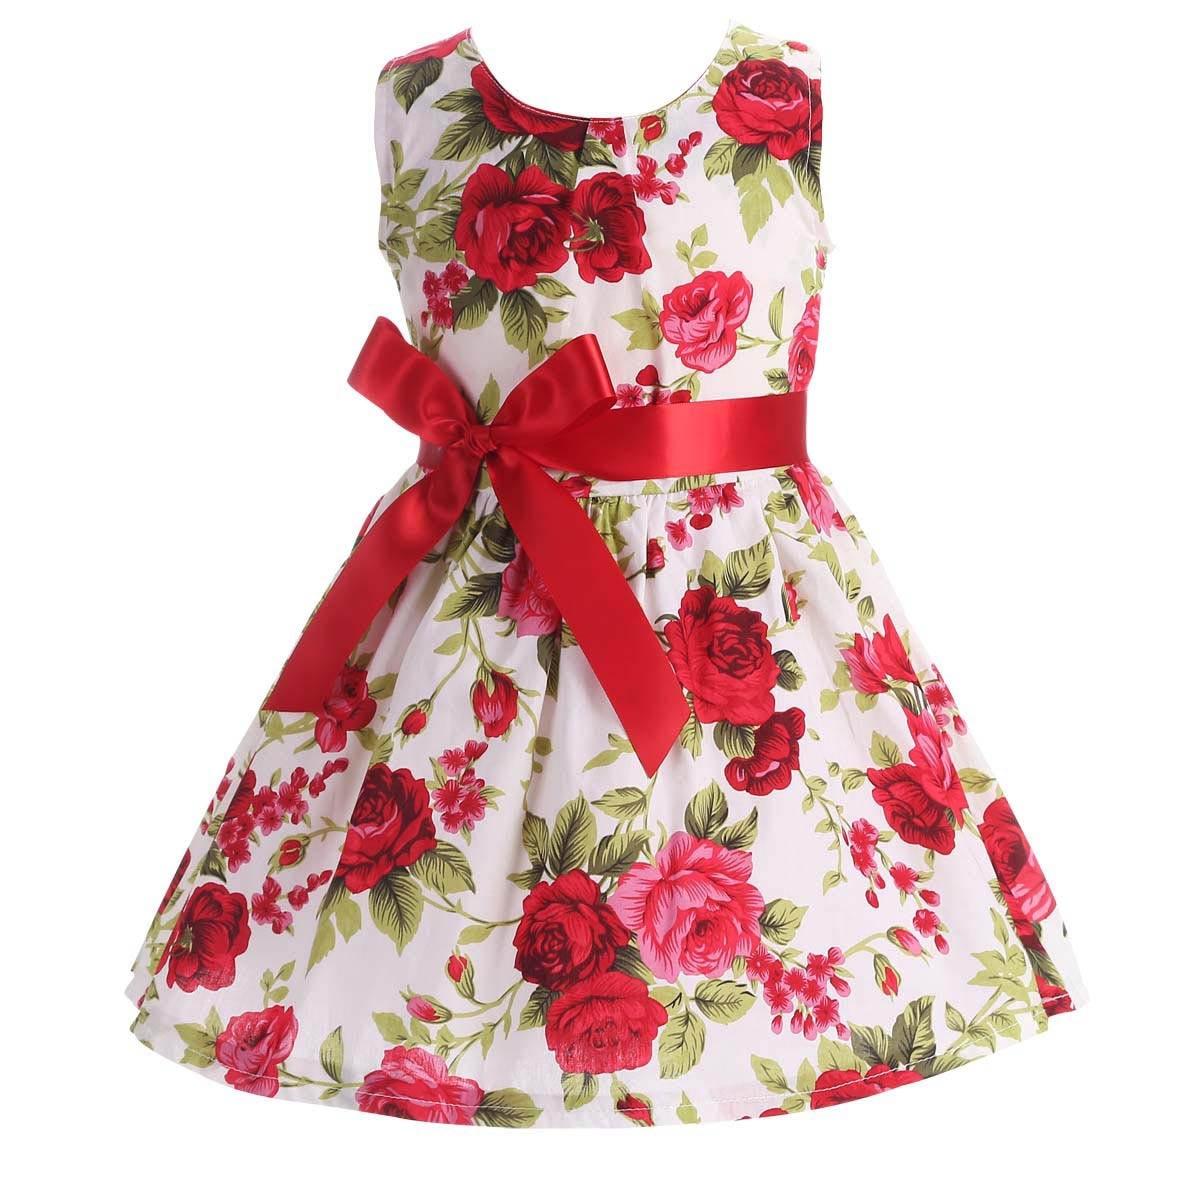 Цветочные дети платья для маленьких девочек Свадебная вечеринка; Принцесса 1 год на день рождения Обувь для девочек платье хлопок Лето 2017 подростков Vestido Infantil